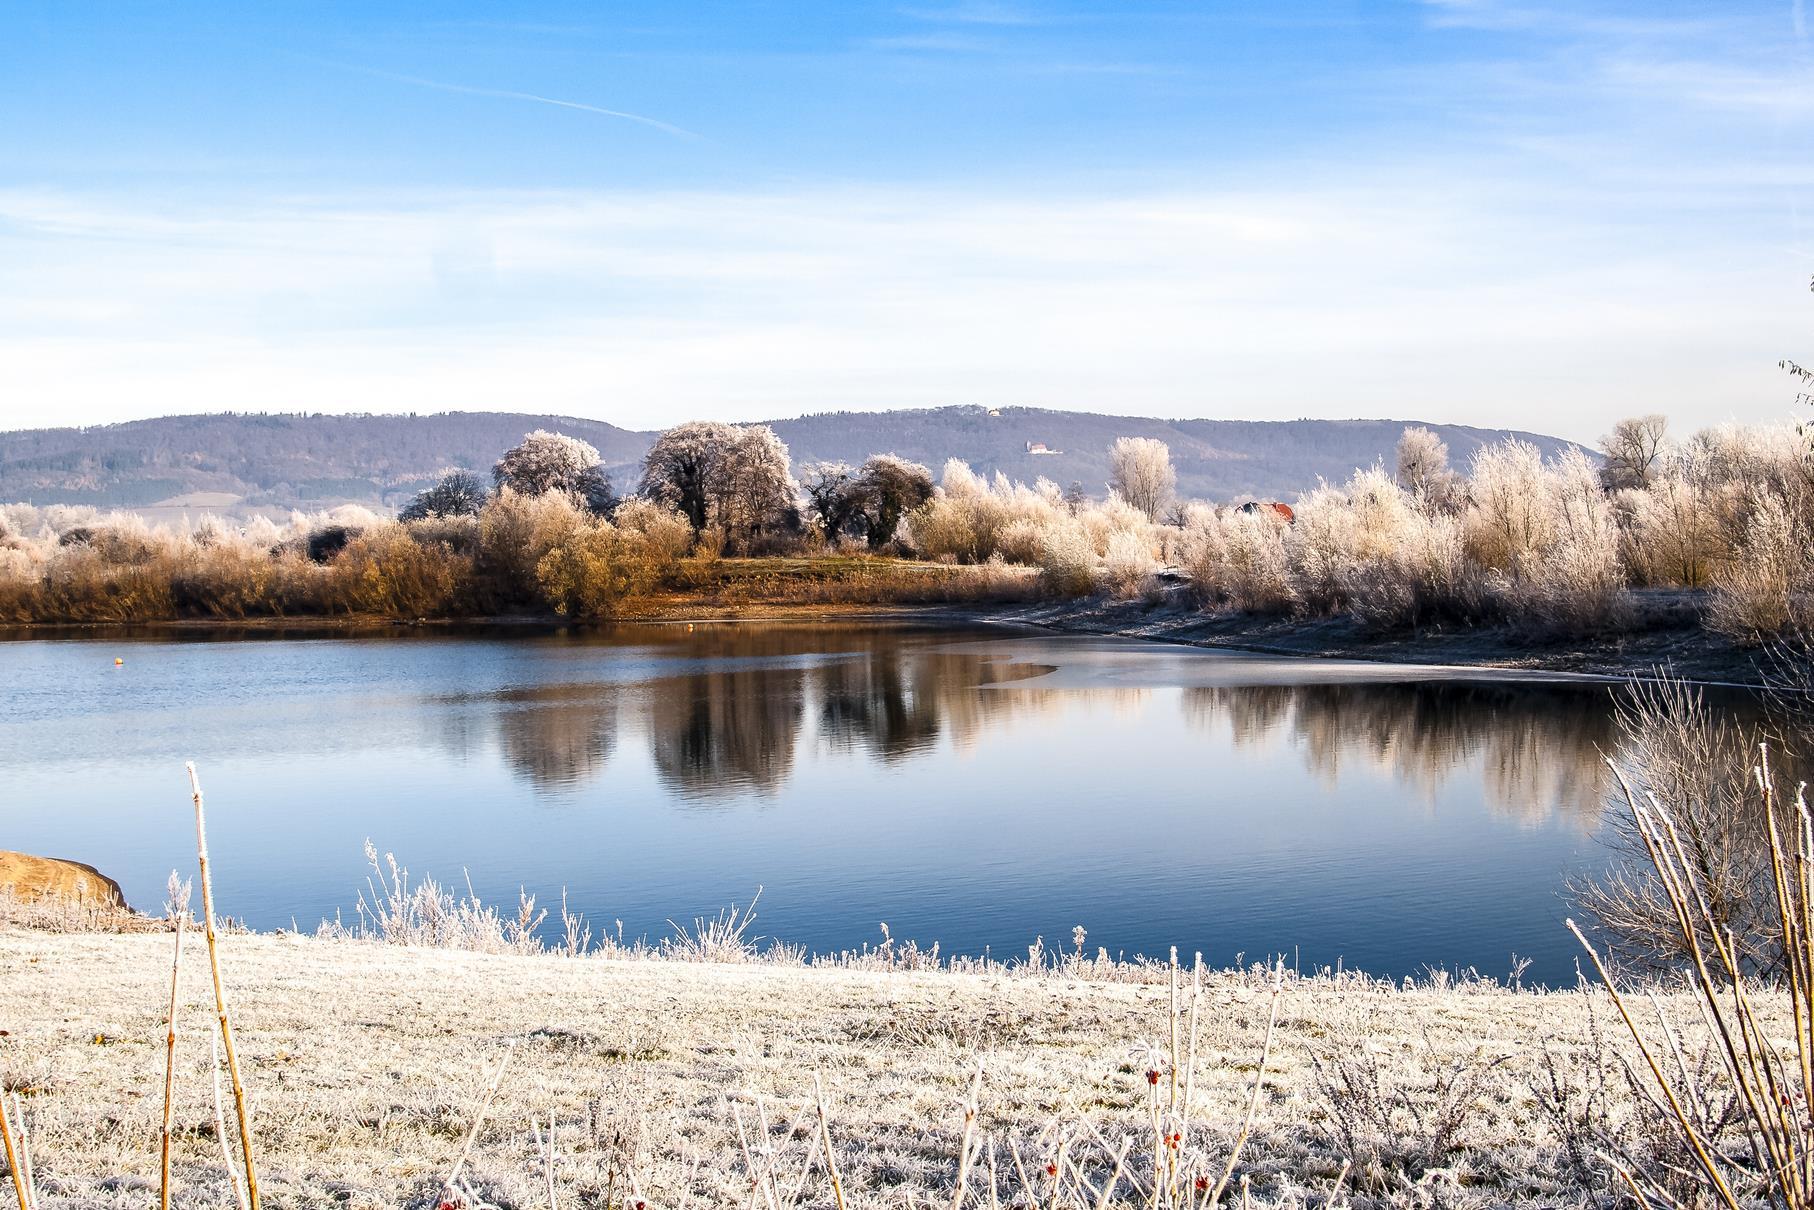 Die Uferbereiche und Bäume sind mit Eis überzogen.